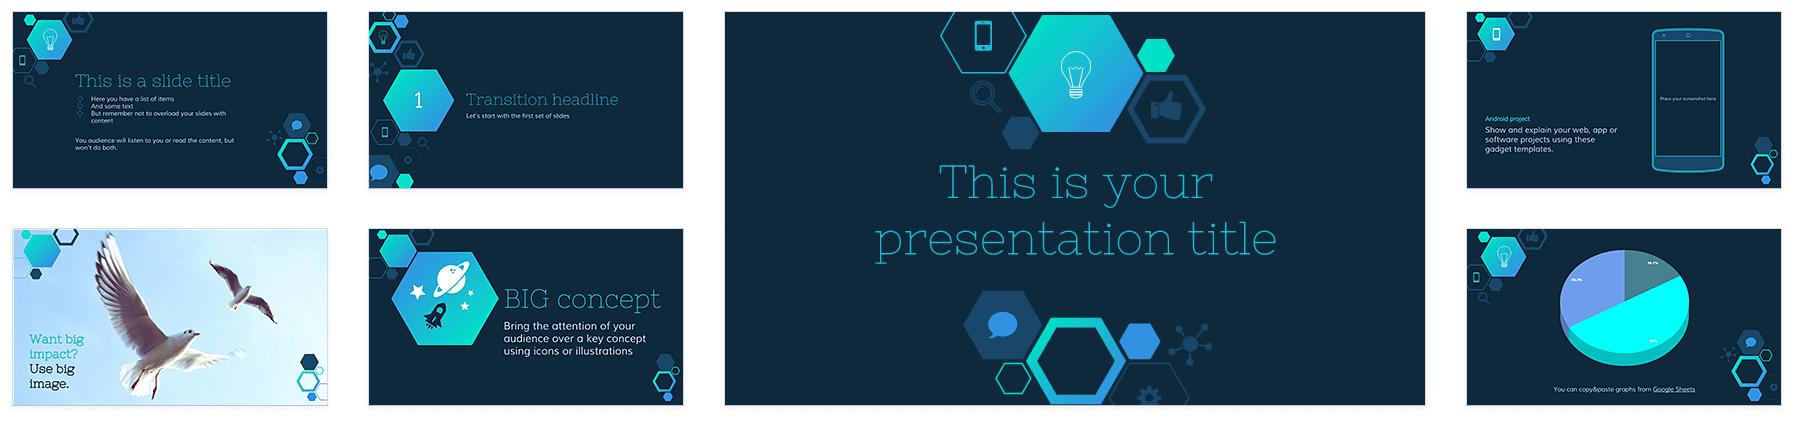 featured template: imogen | technology | pinterest, Presentation templates